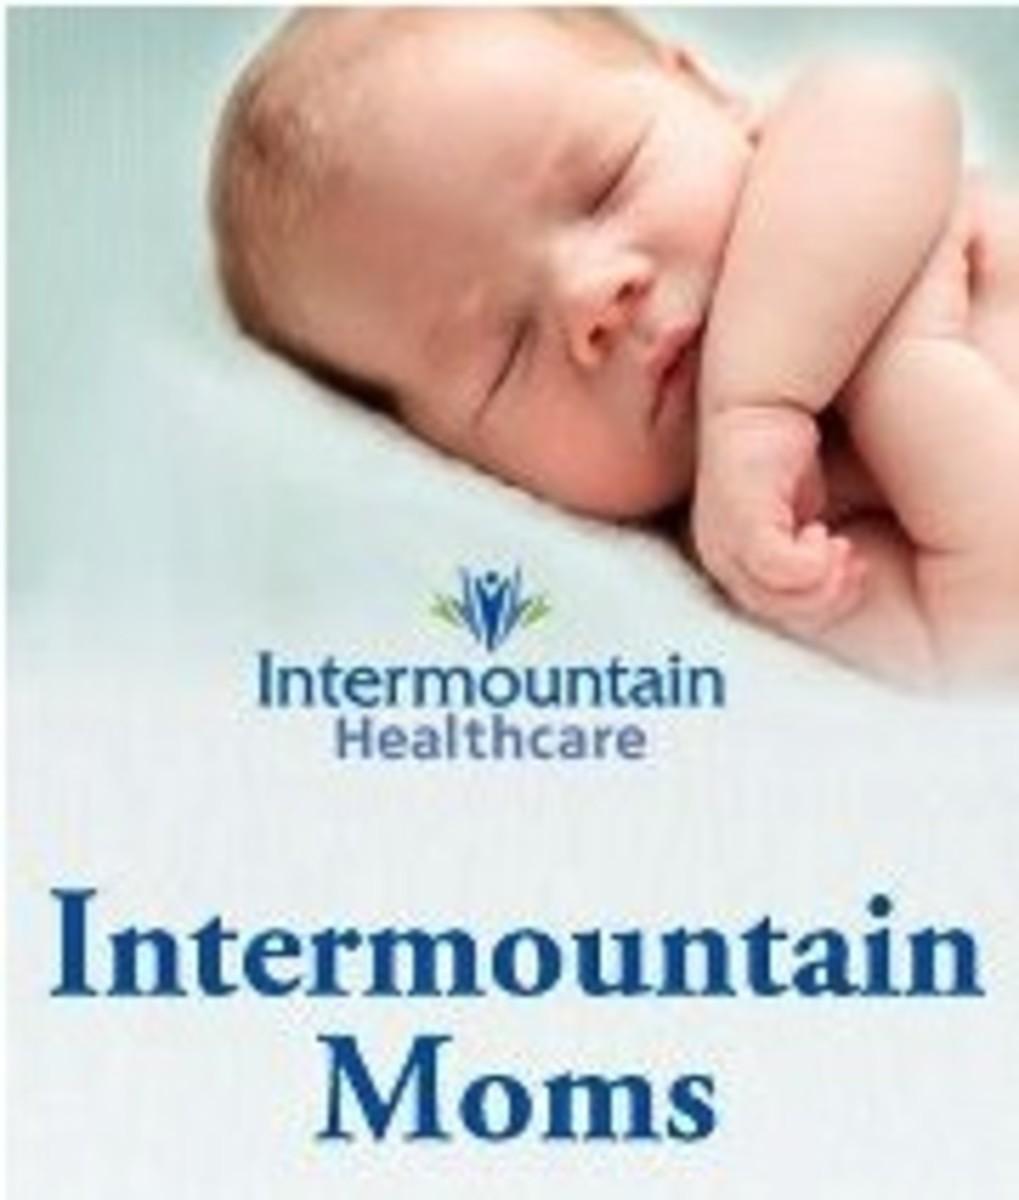 Intermountain Moms